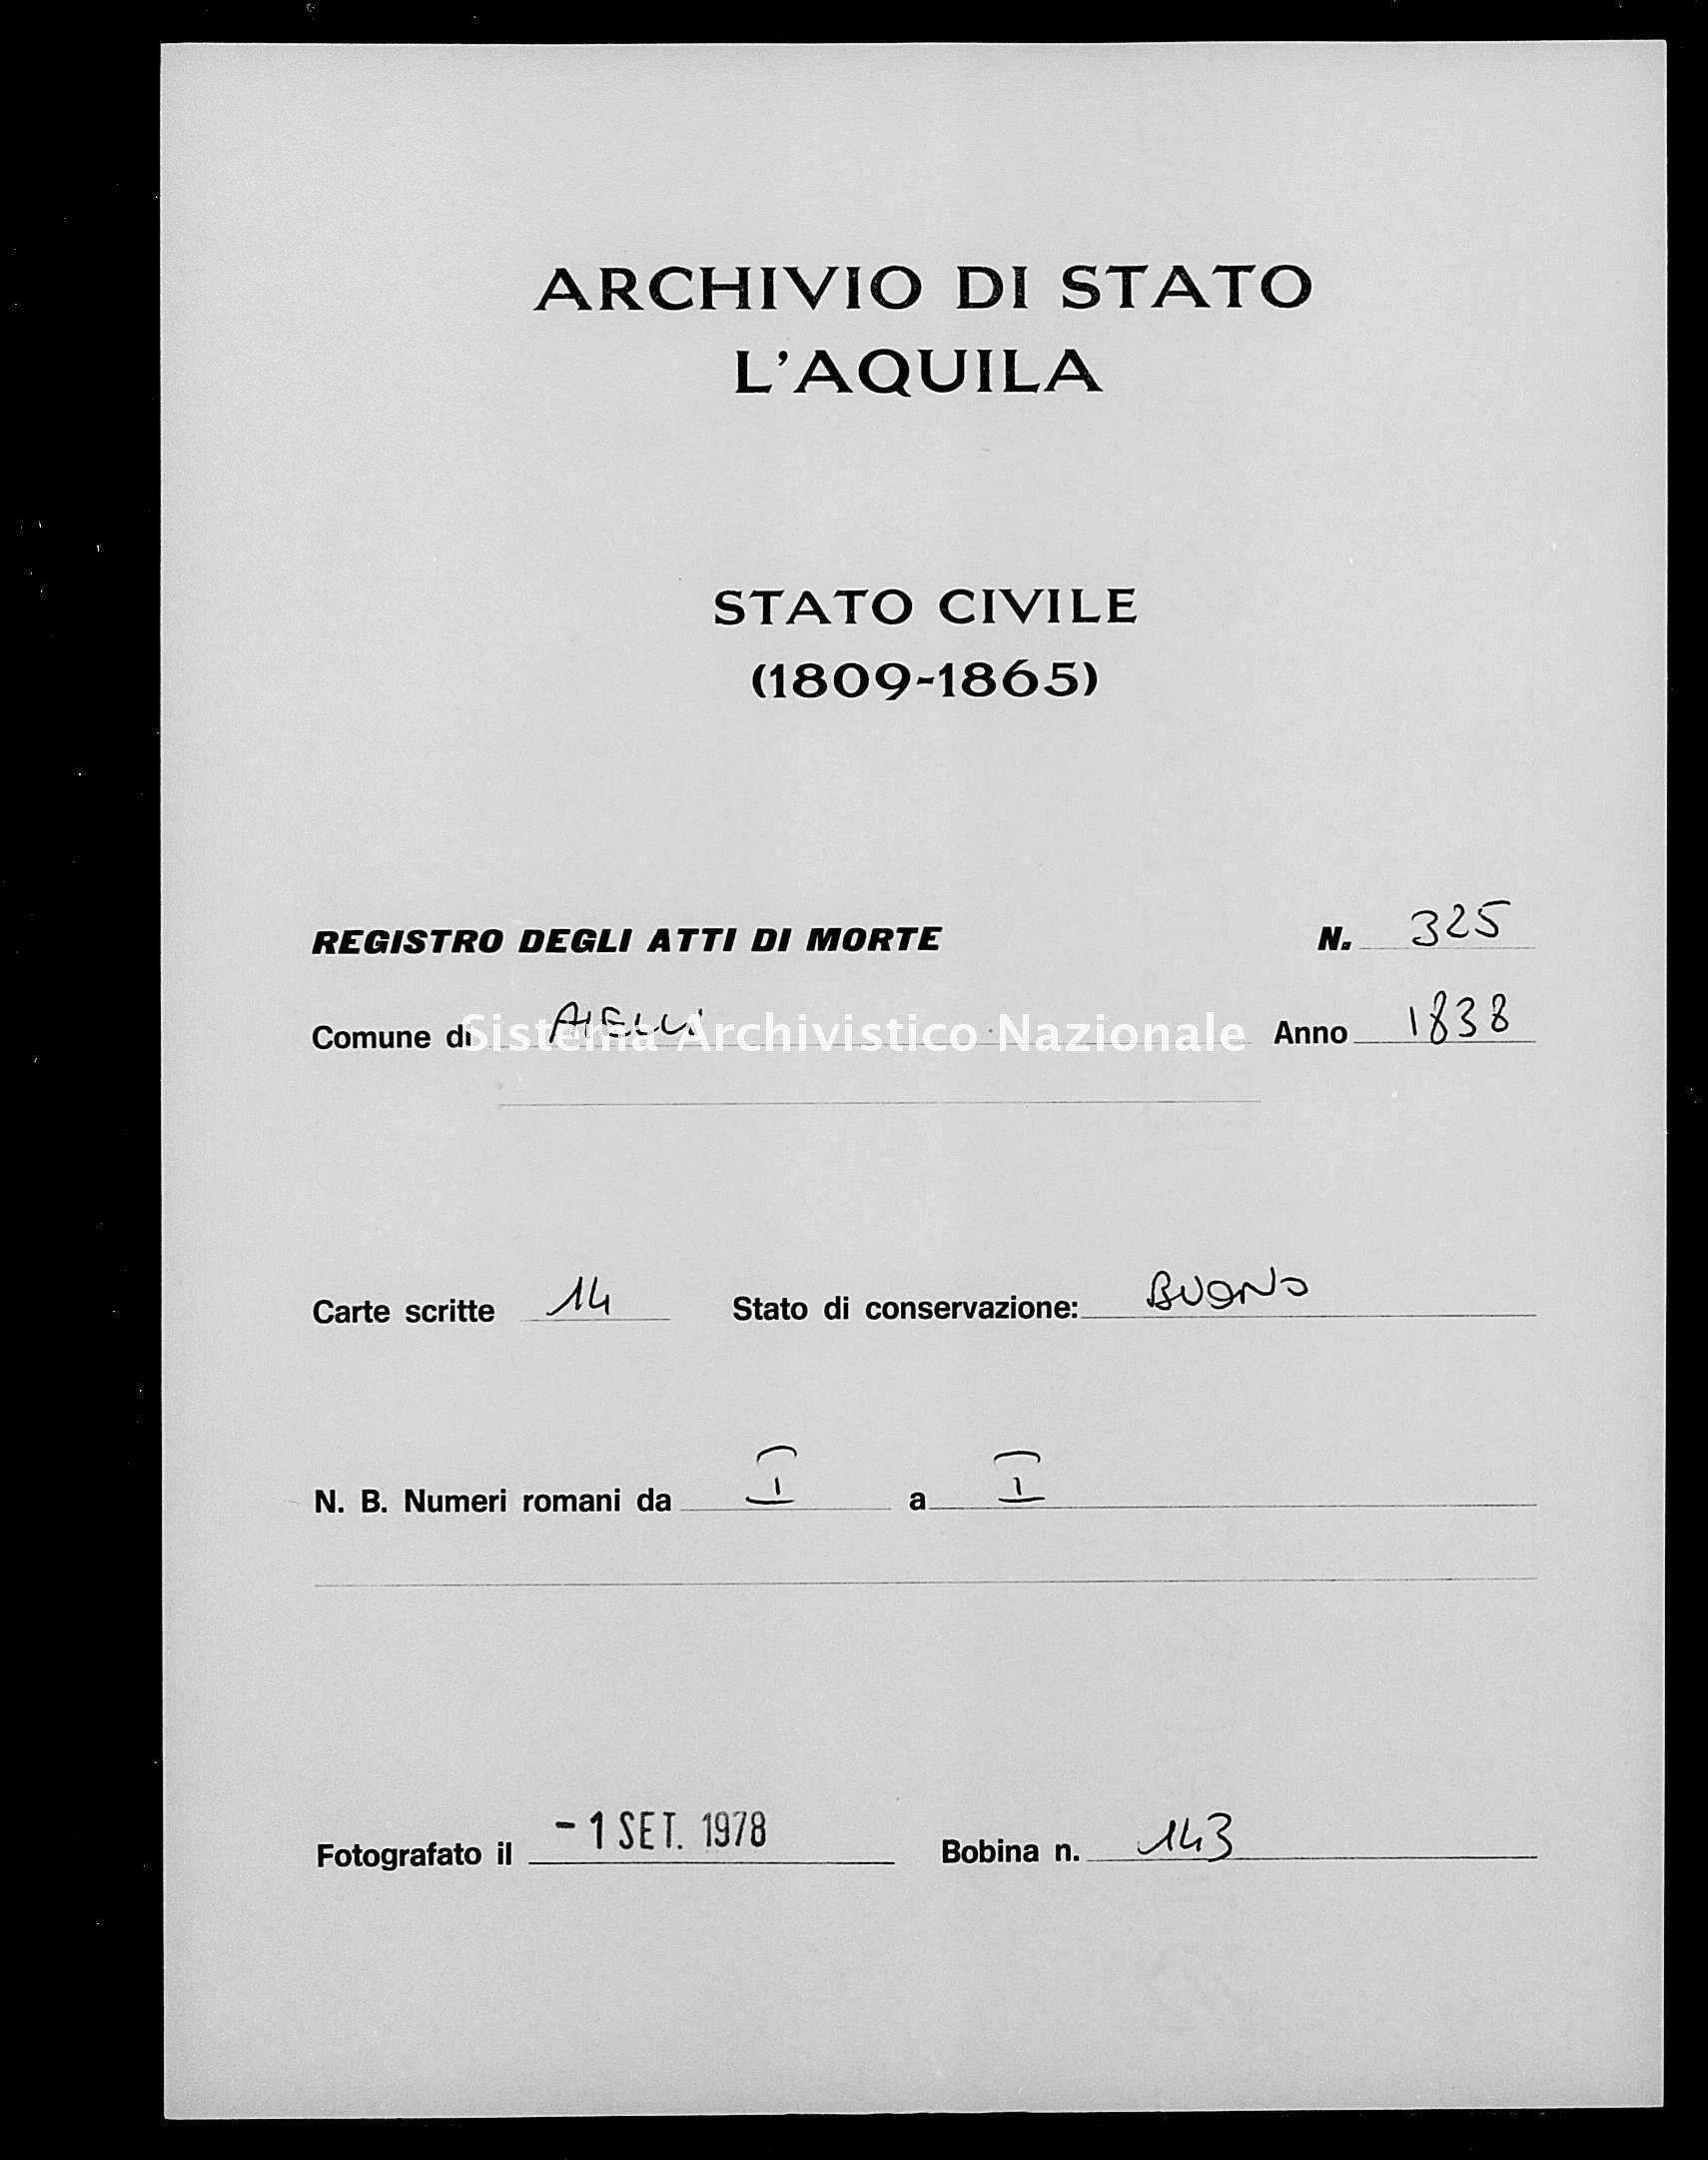 Archivio di stato di L'aquila - Stato civile della restaurazione - Aielli - Morti - 1838 - 325 -